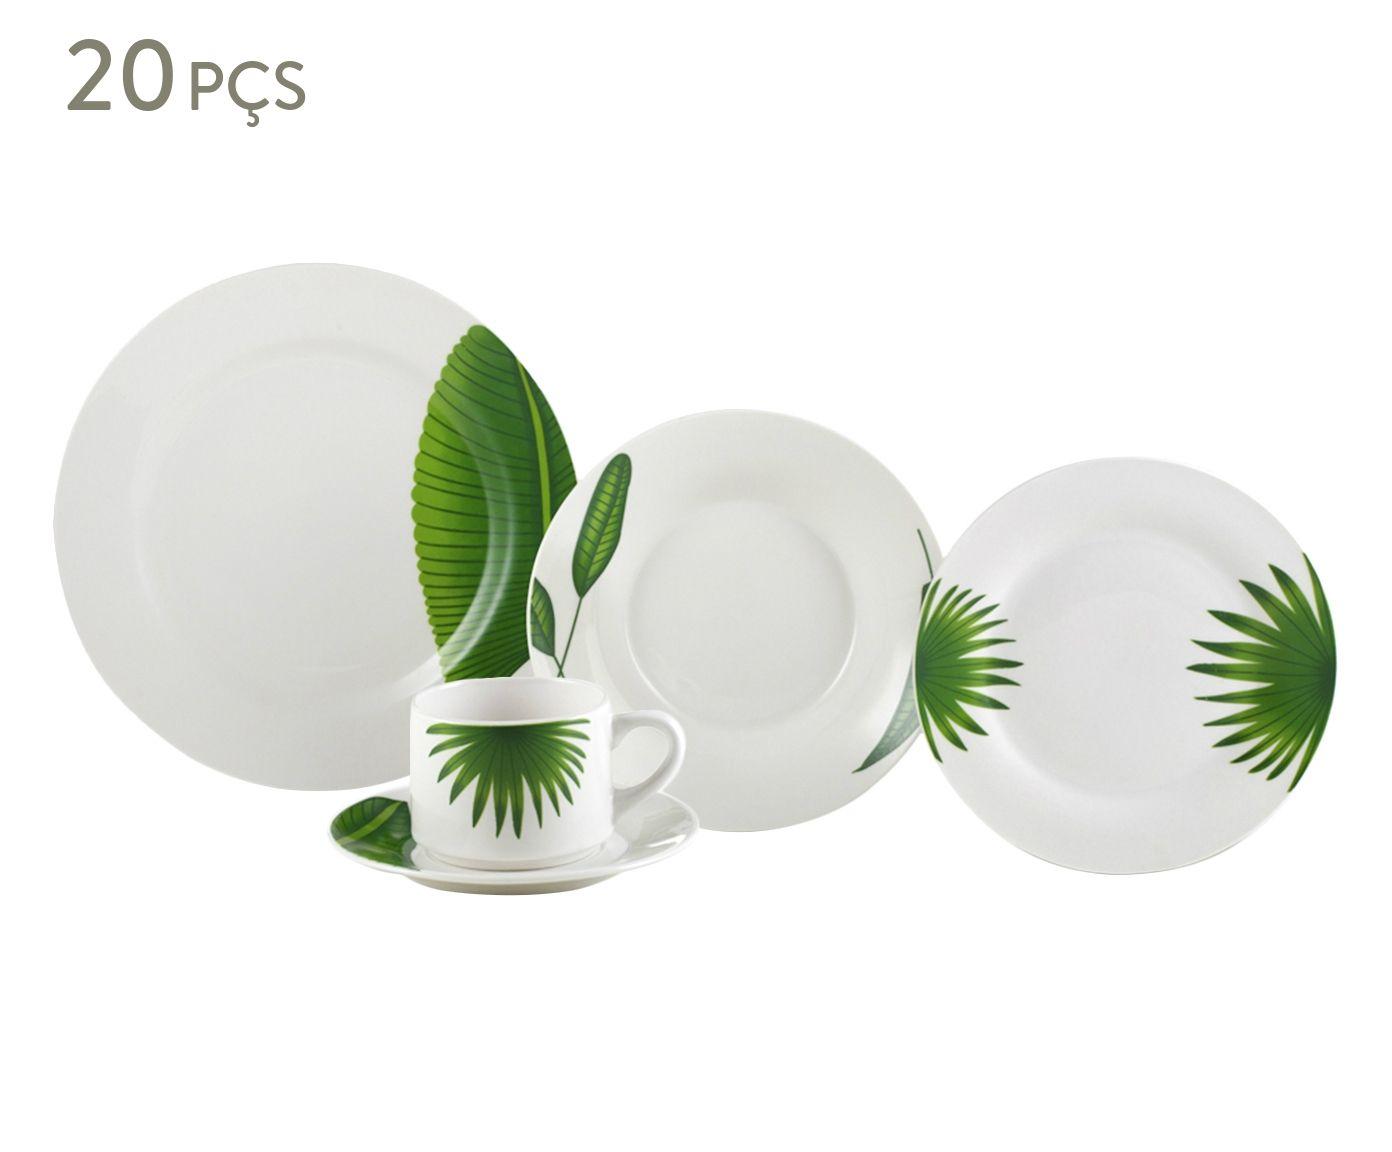 Jogo de Jantar em Porcelana Leaves - 04 Pessoas   Westwing.com.br